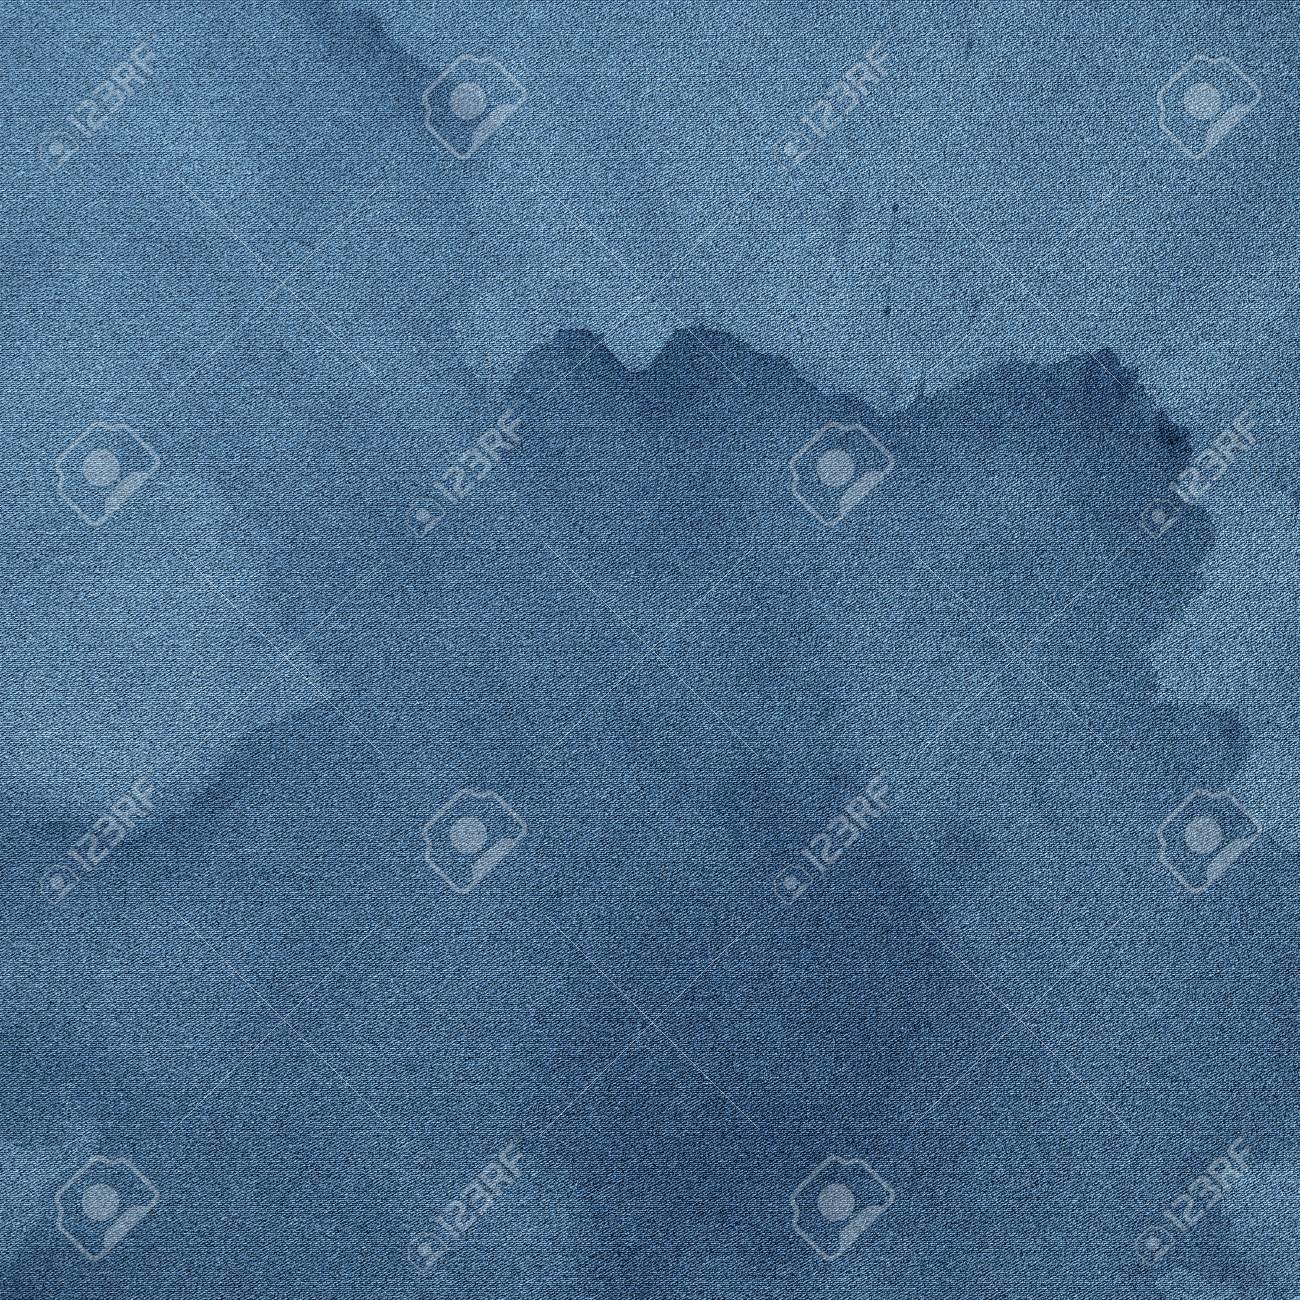 テクスチャ背景 壁紙や背景 デニム の写真素材 画像素材 Image